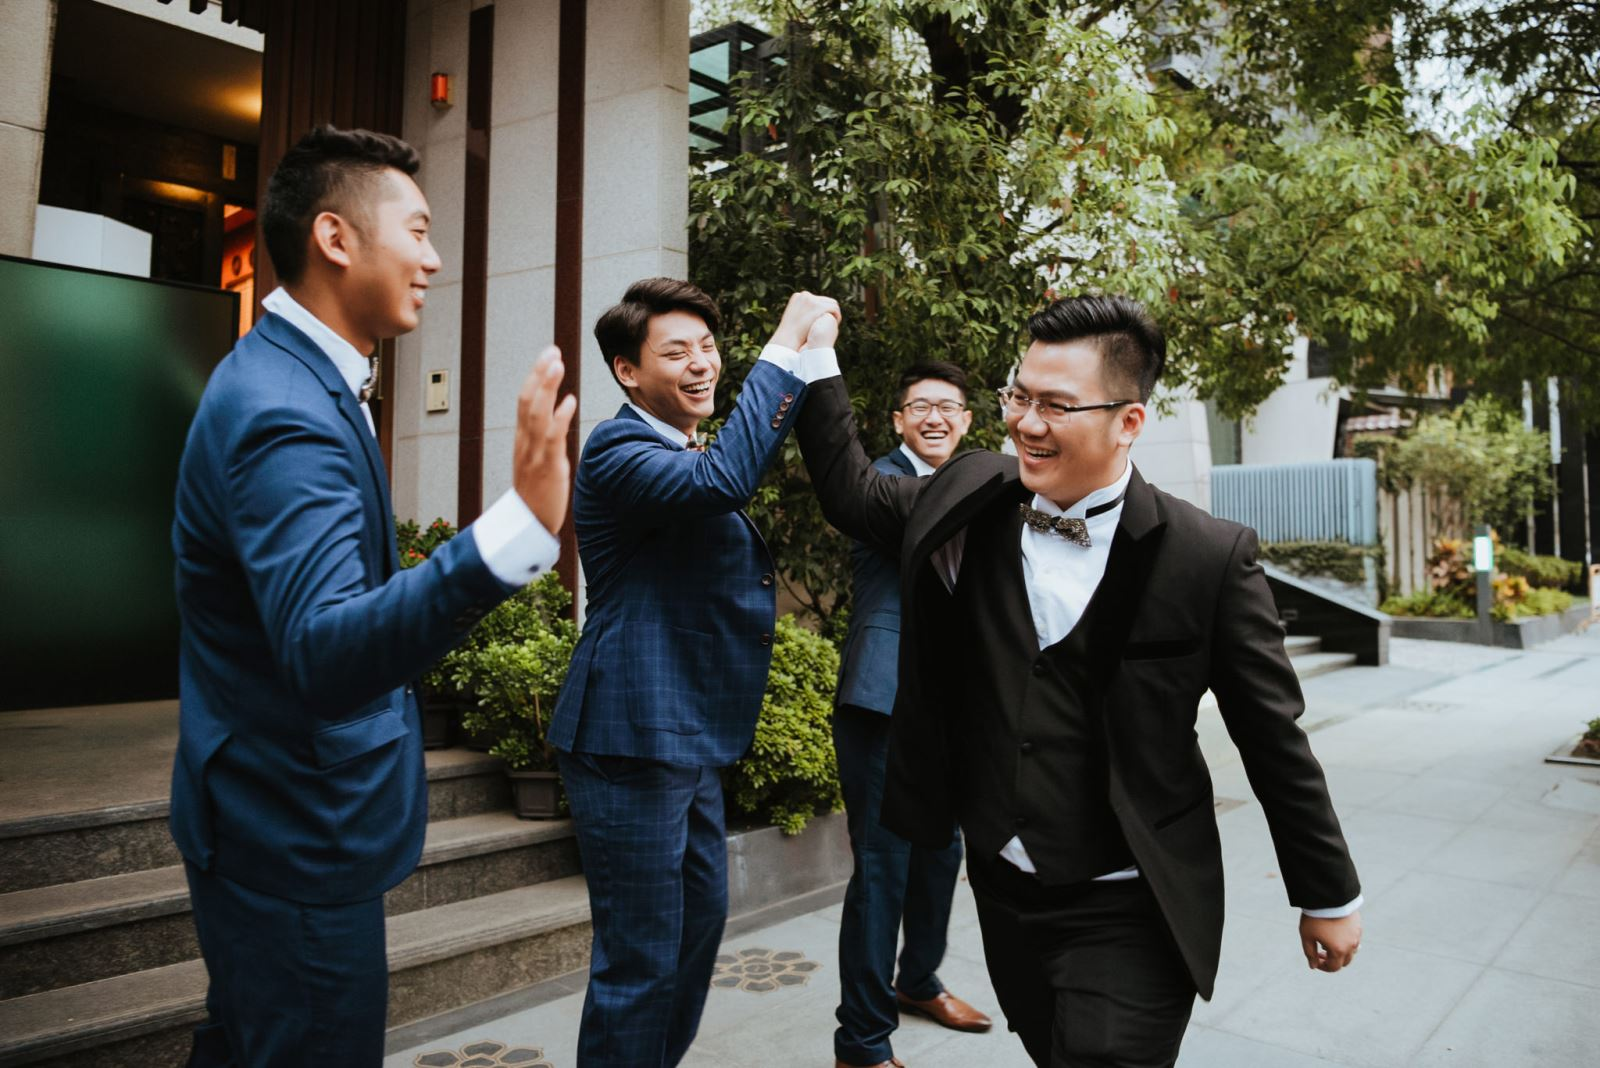 新郎與伴郎團在迎娶出發前的加油打氣